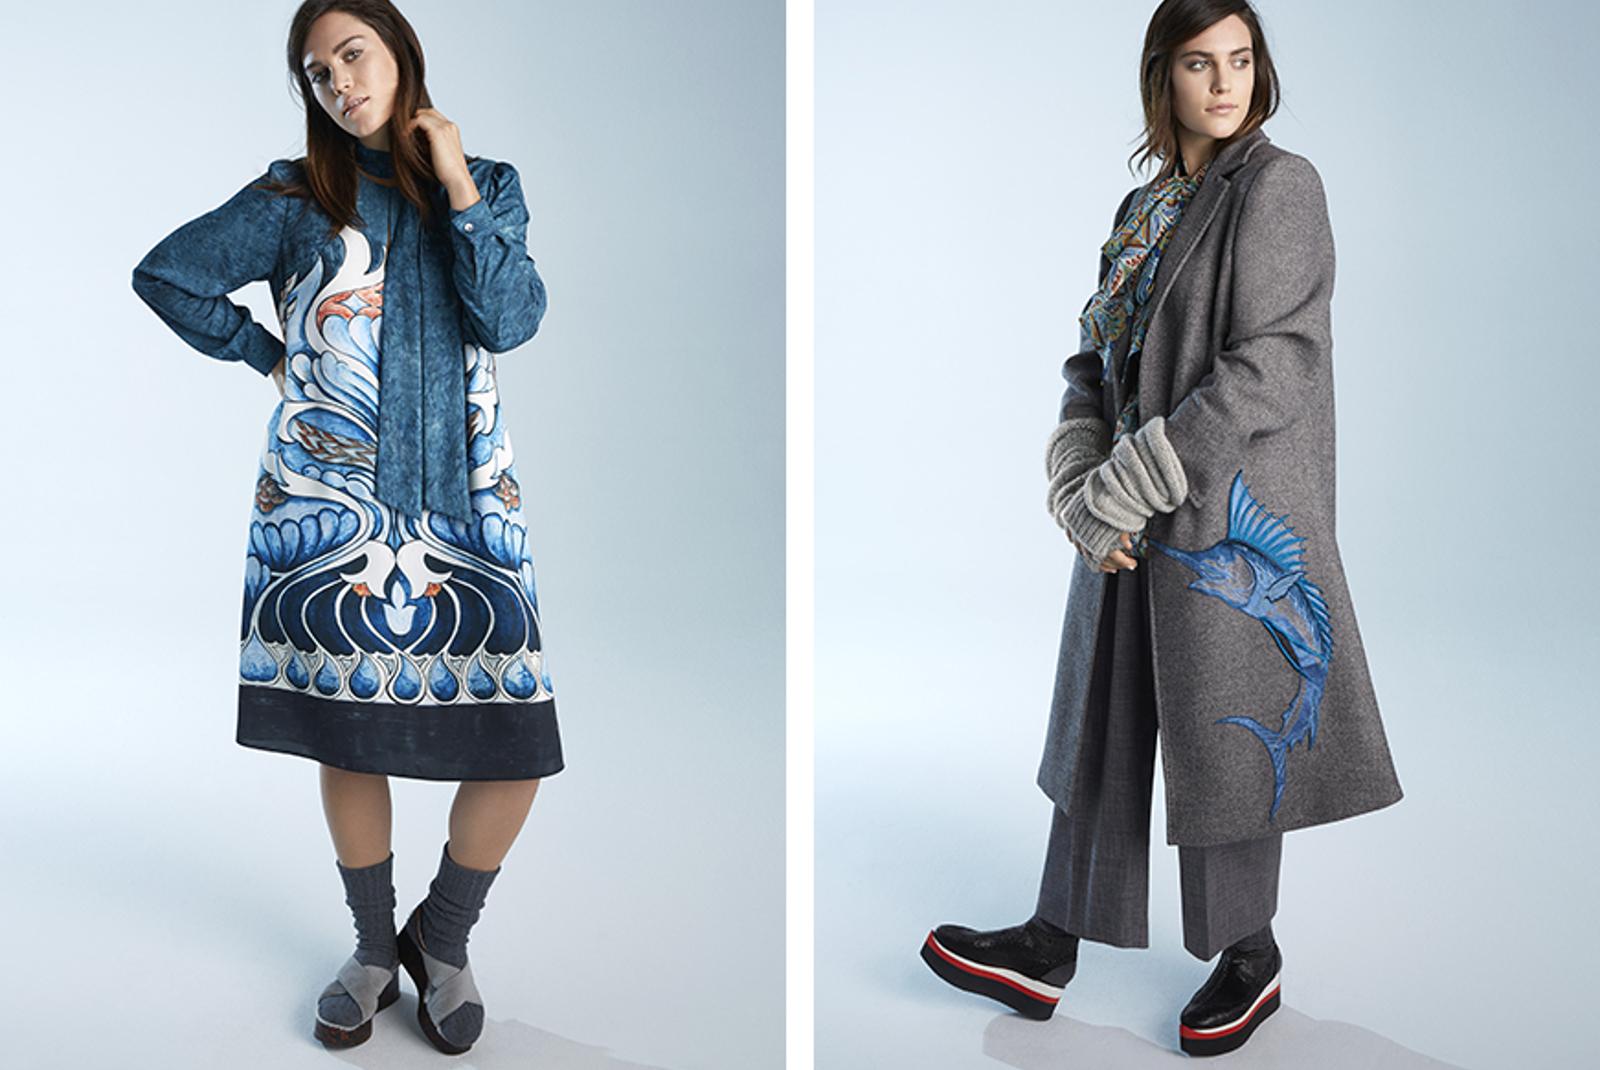 56c9658b87d3a Новая эклектичная коллекция Marina Rinaldi и Stella Jean  с миру по нитке